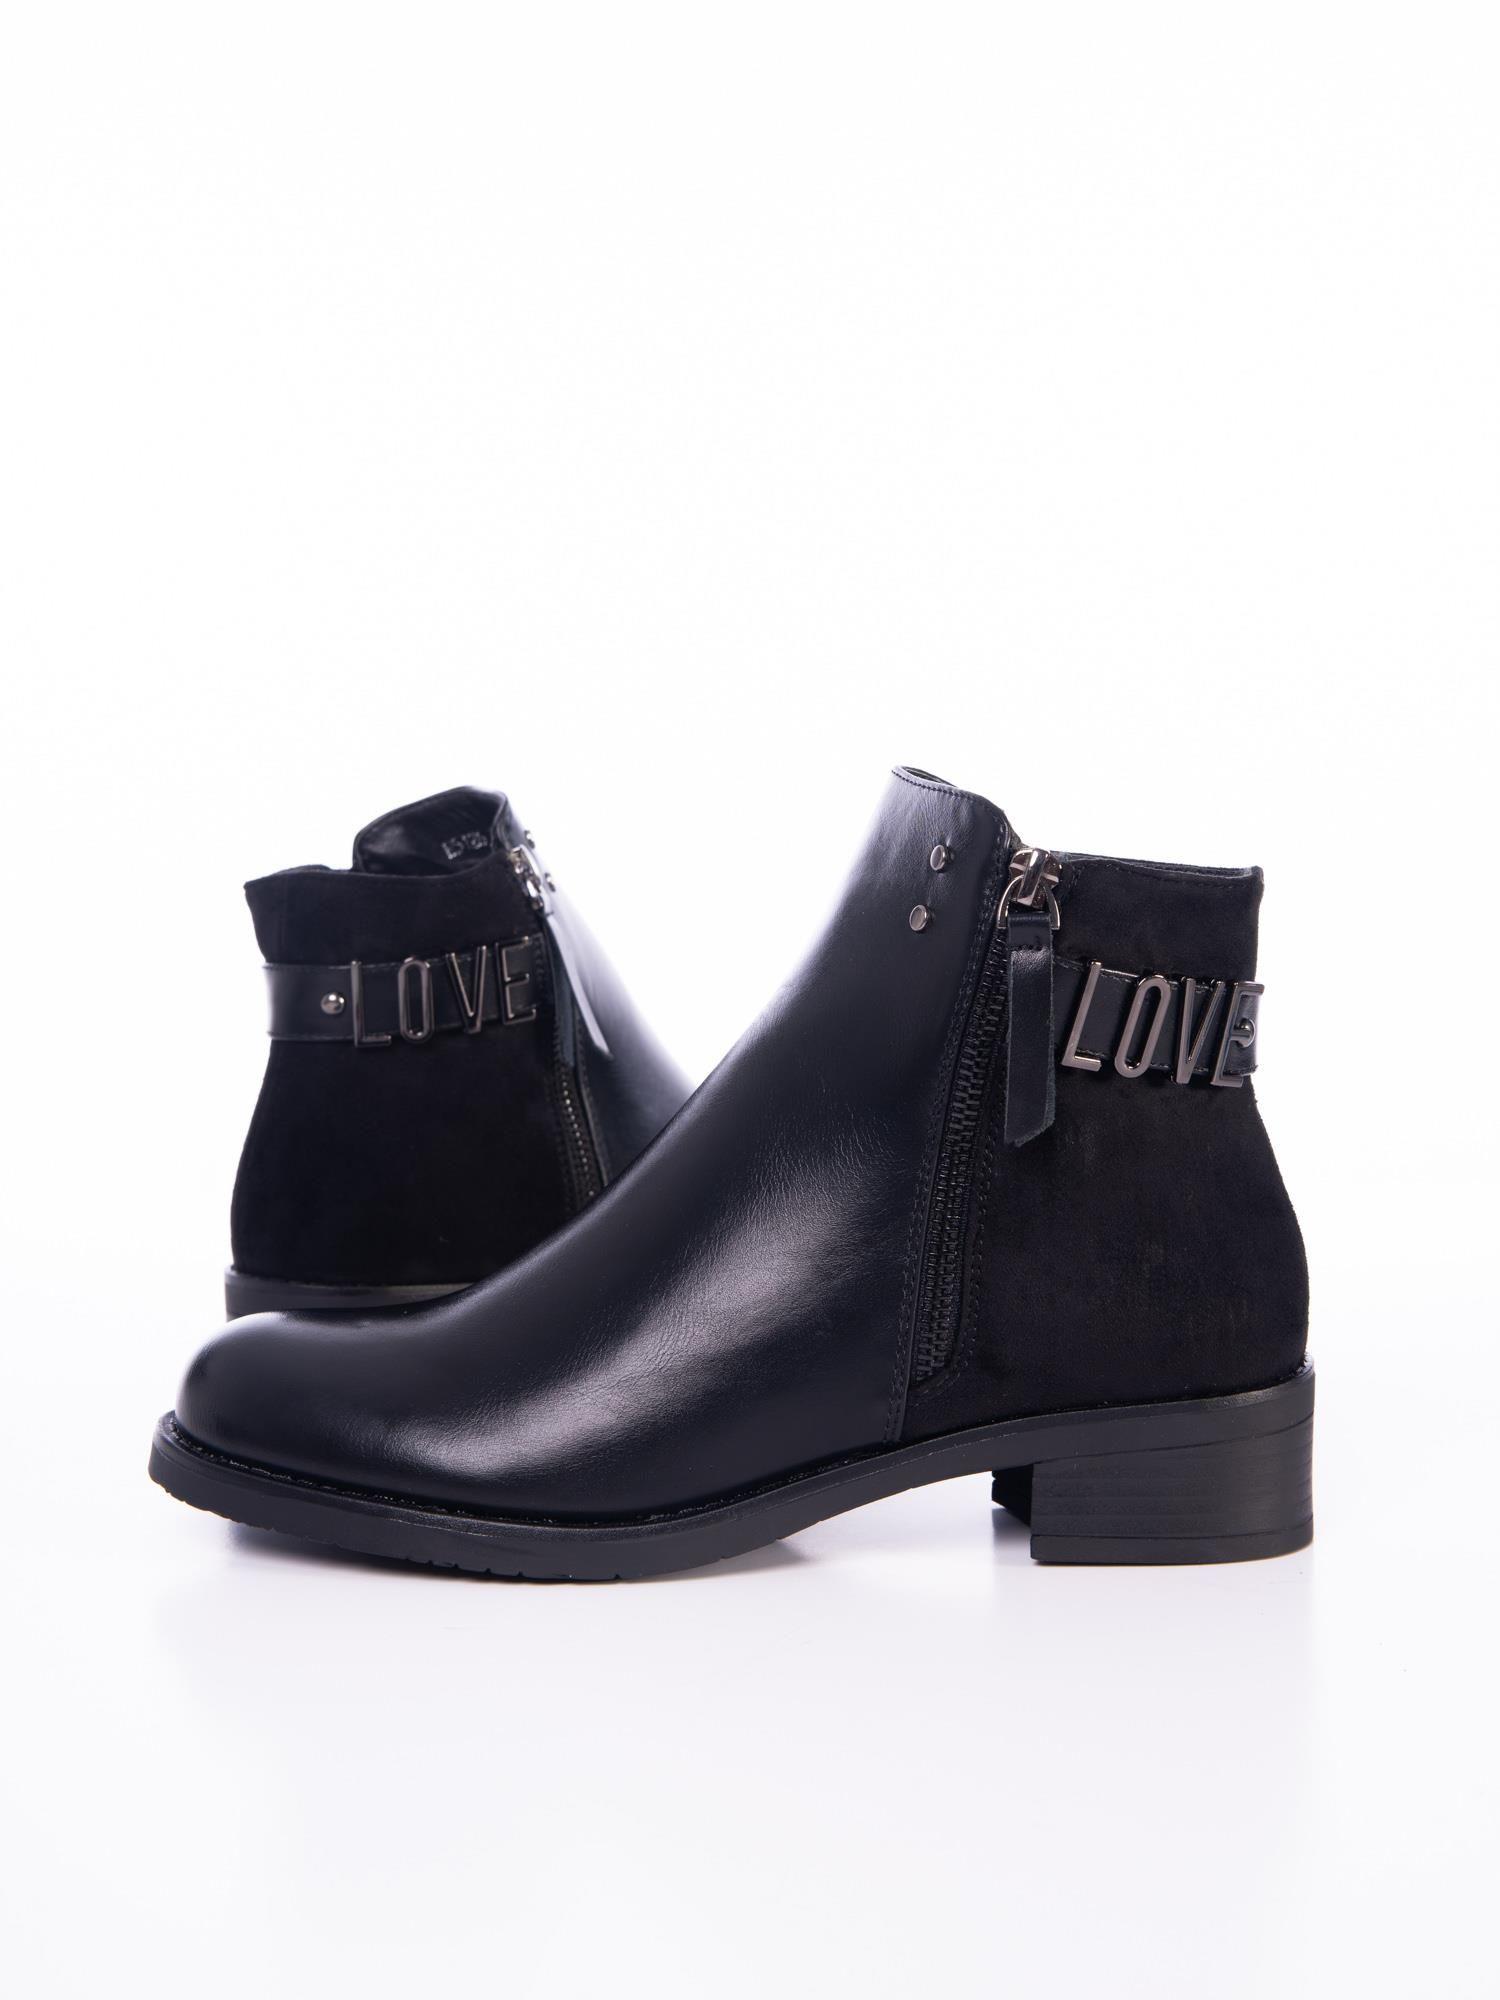 3150d553a1129 Czarne botki z ozdobnym paskiem i metalową przypinką LOVE - Buty ...